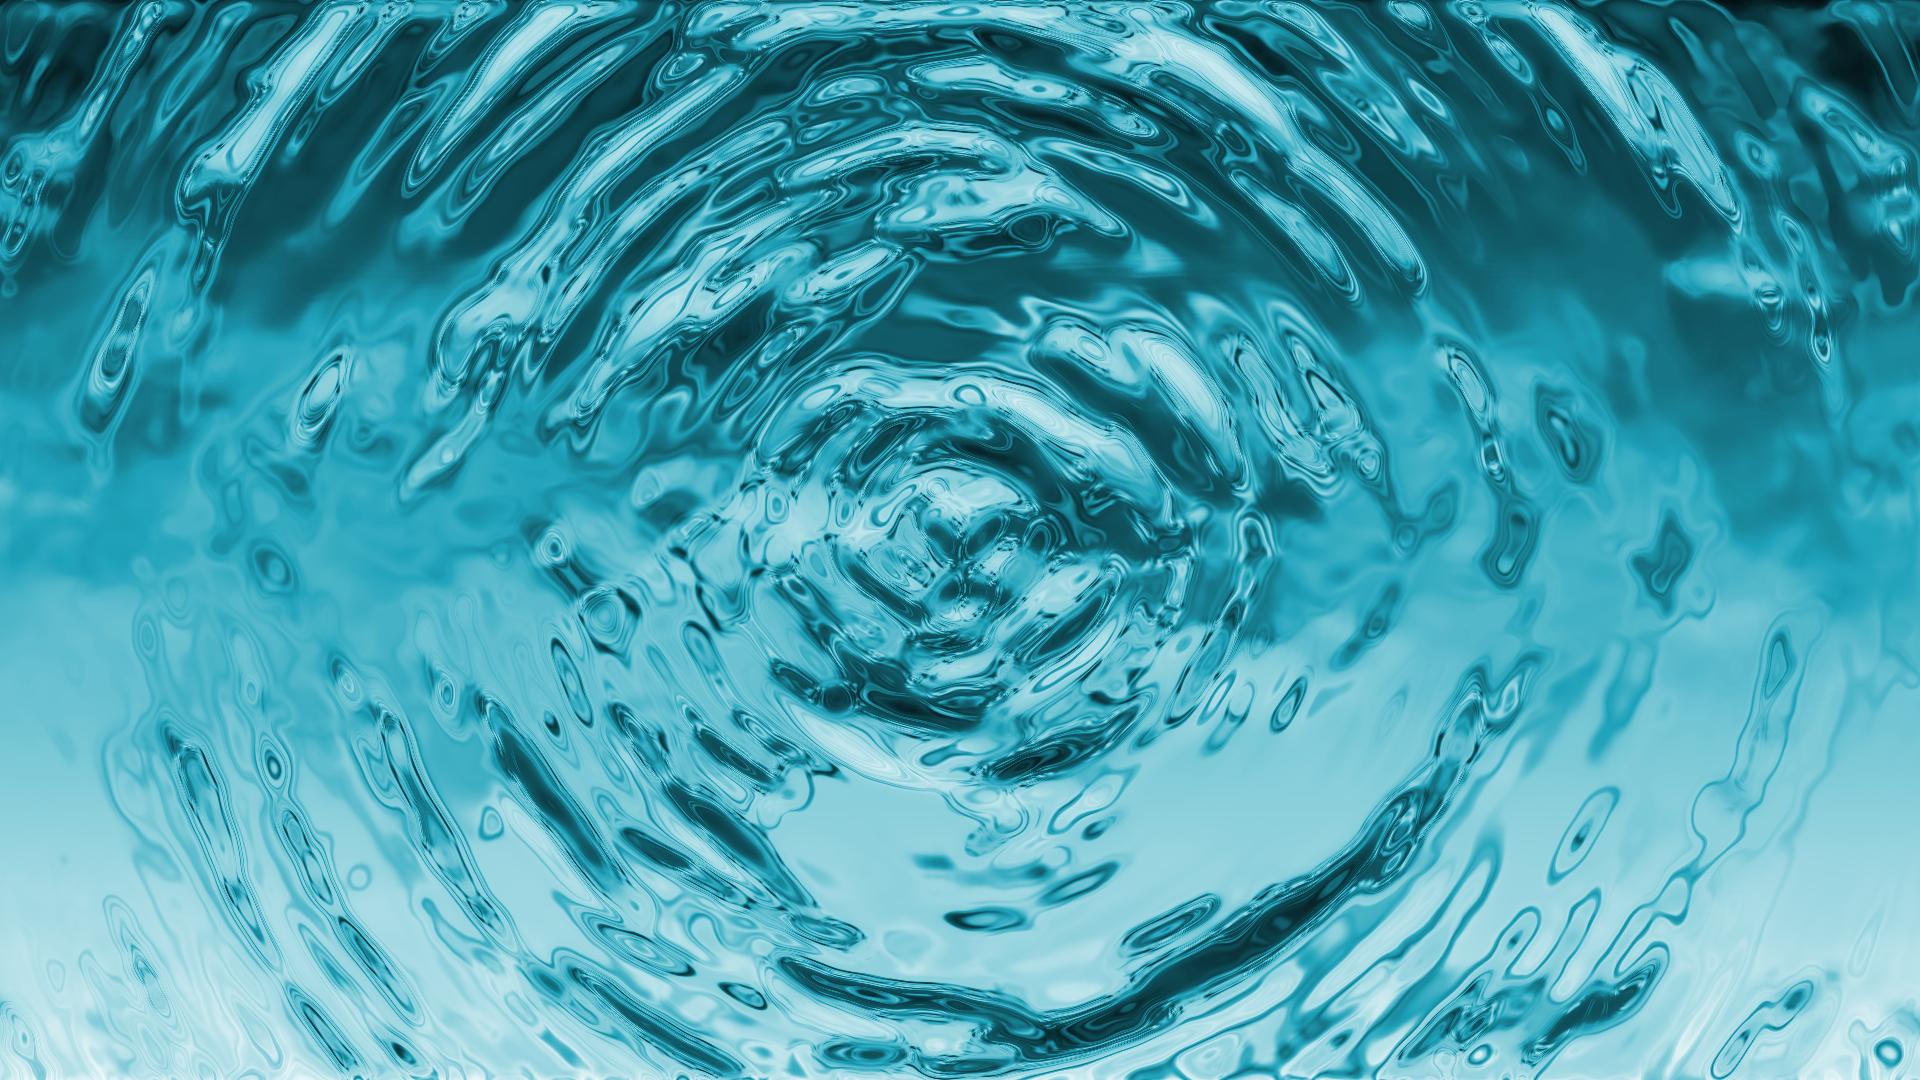 Water Desktop Images